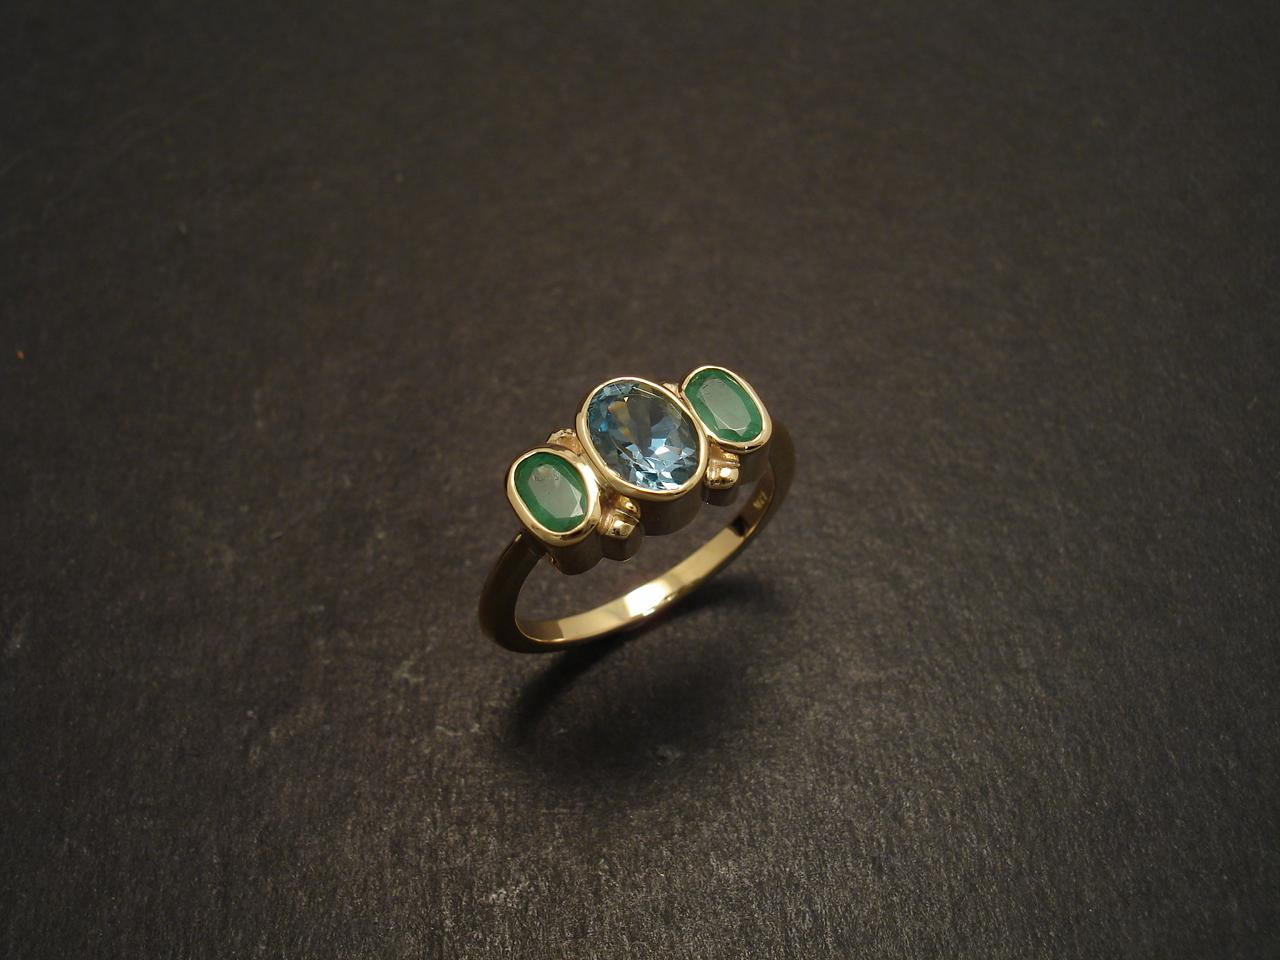 beryl crystals aquamarine emerald christopher william